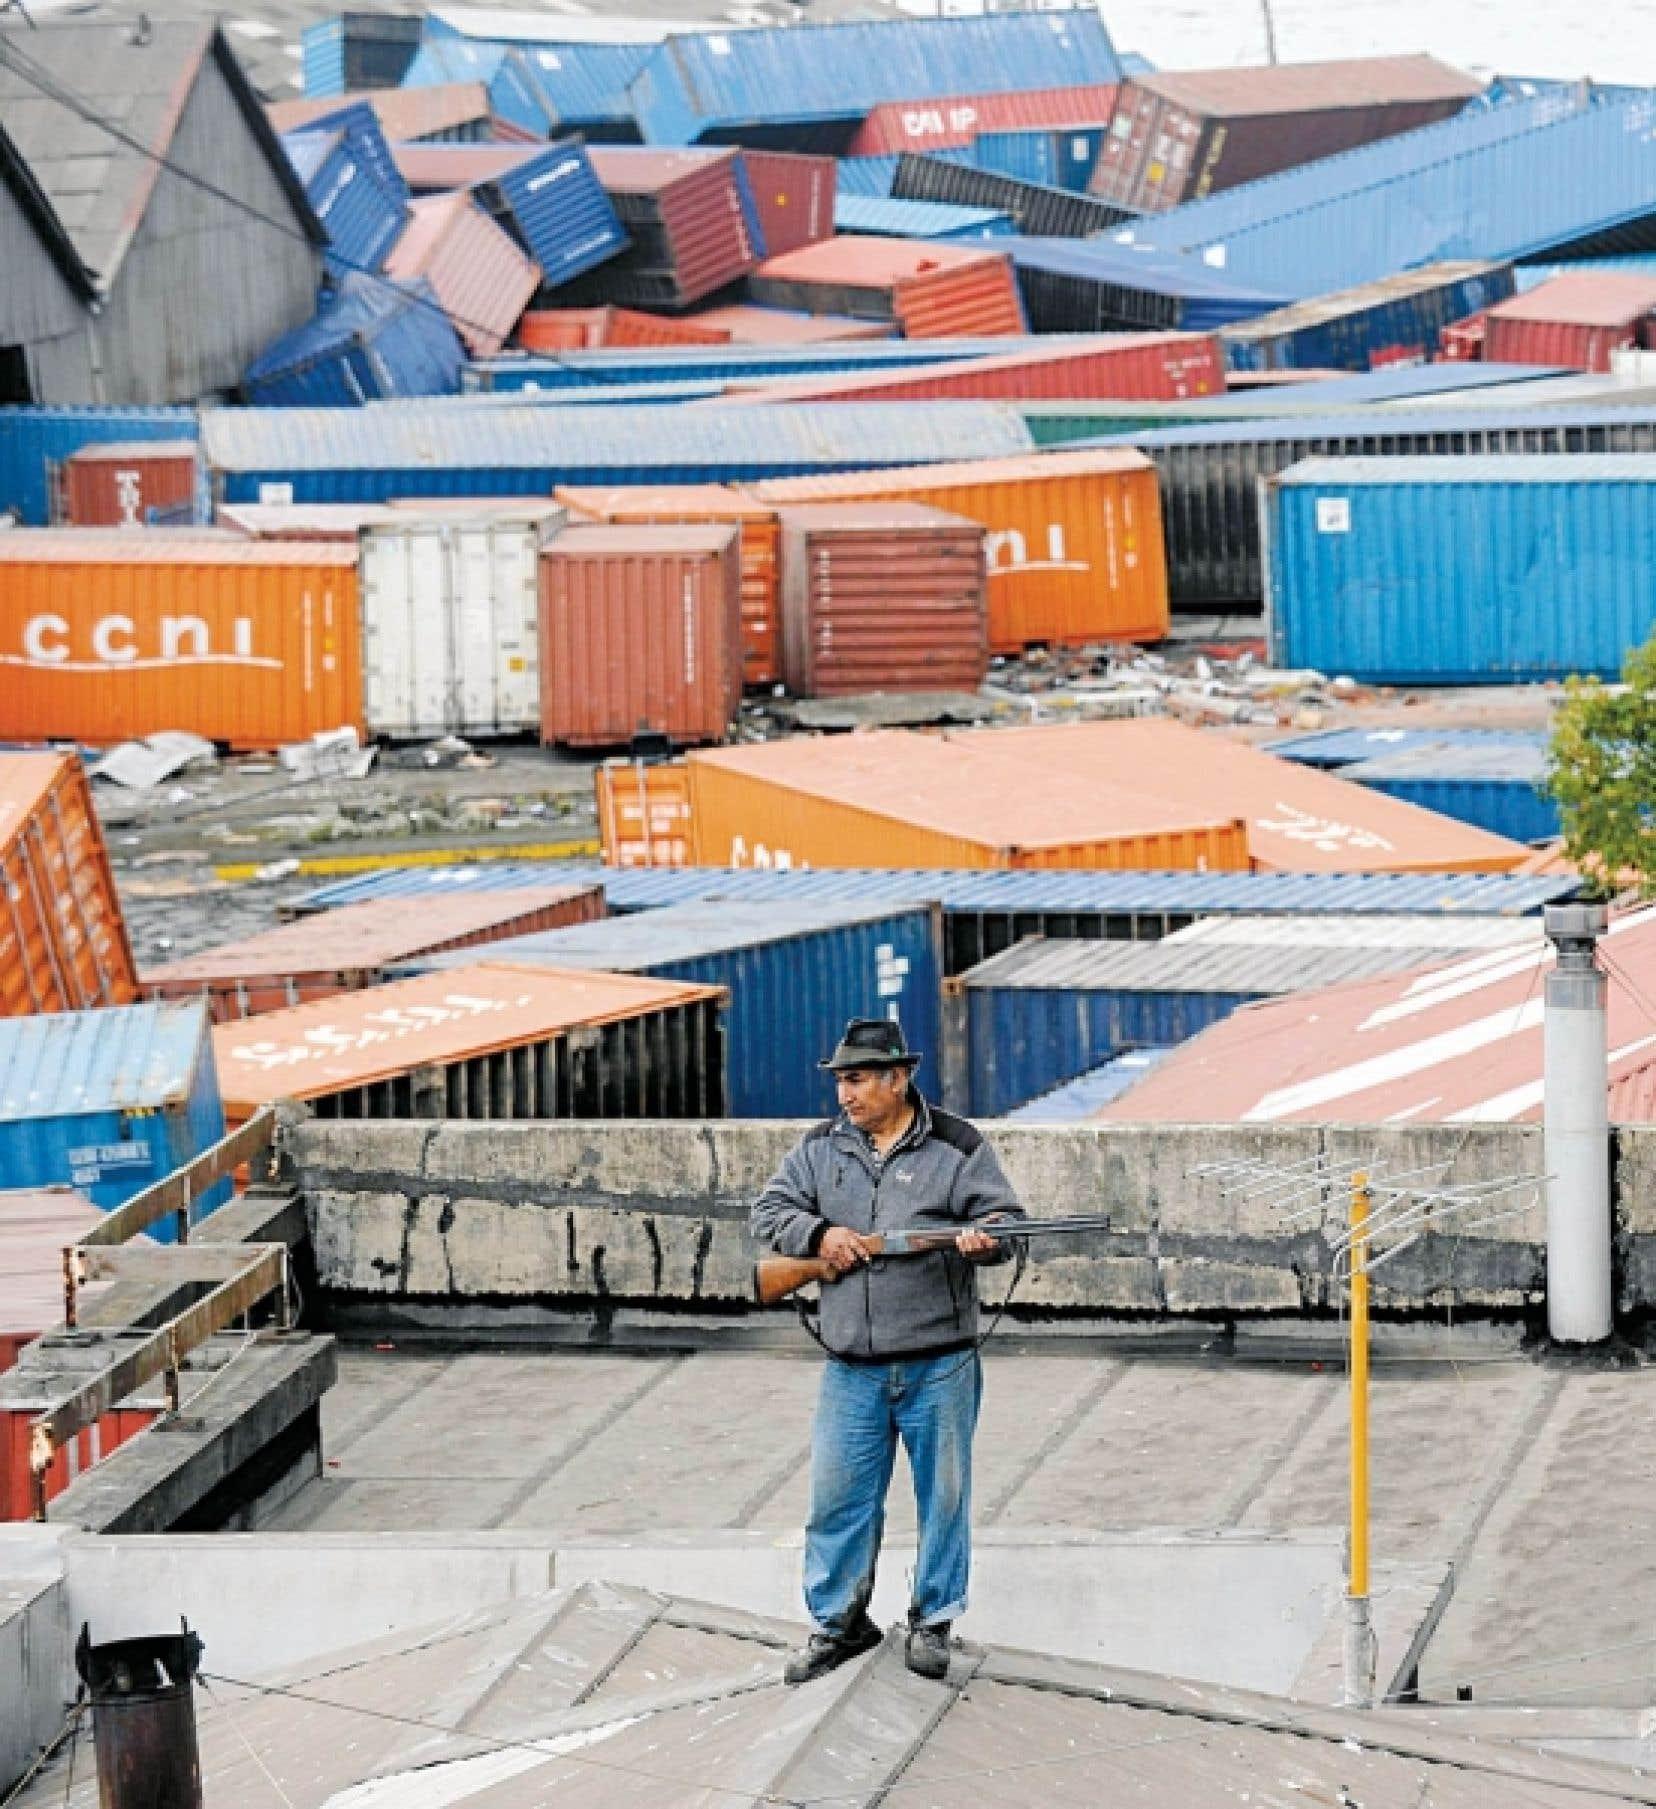 Un homme armé fait le guet sur le toit. Autour de lui sont éparpillés des conteneurs que le tsunami a entraînés sur son passage après le tremblement de terre d'une magnitude de 8,8 au Chili. Appelée en renfort, l'armée tente de rétablir le calme alors que les commerces sont pillés dans les zones sinistrées.